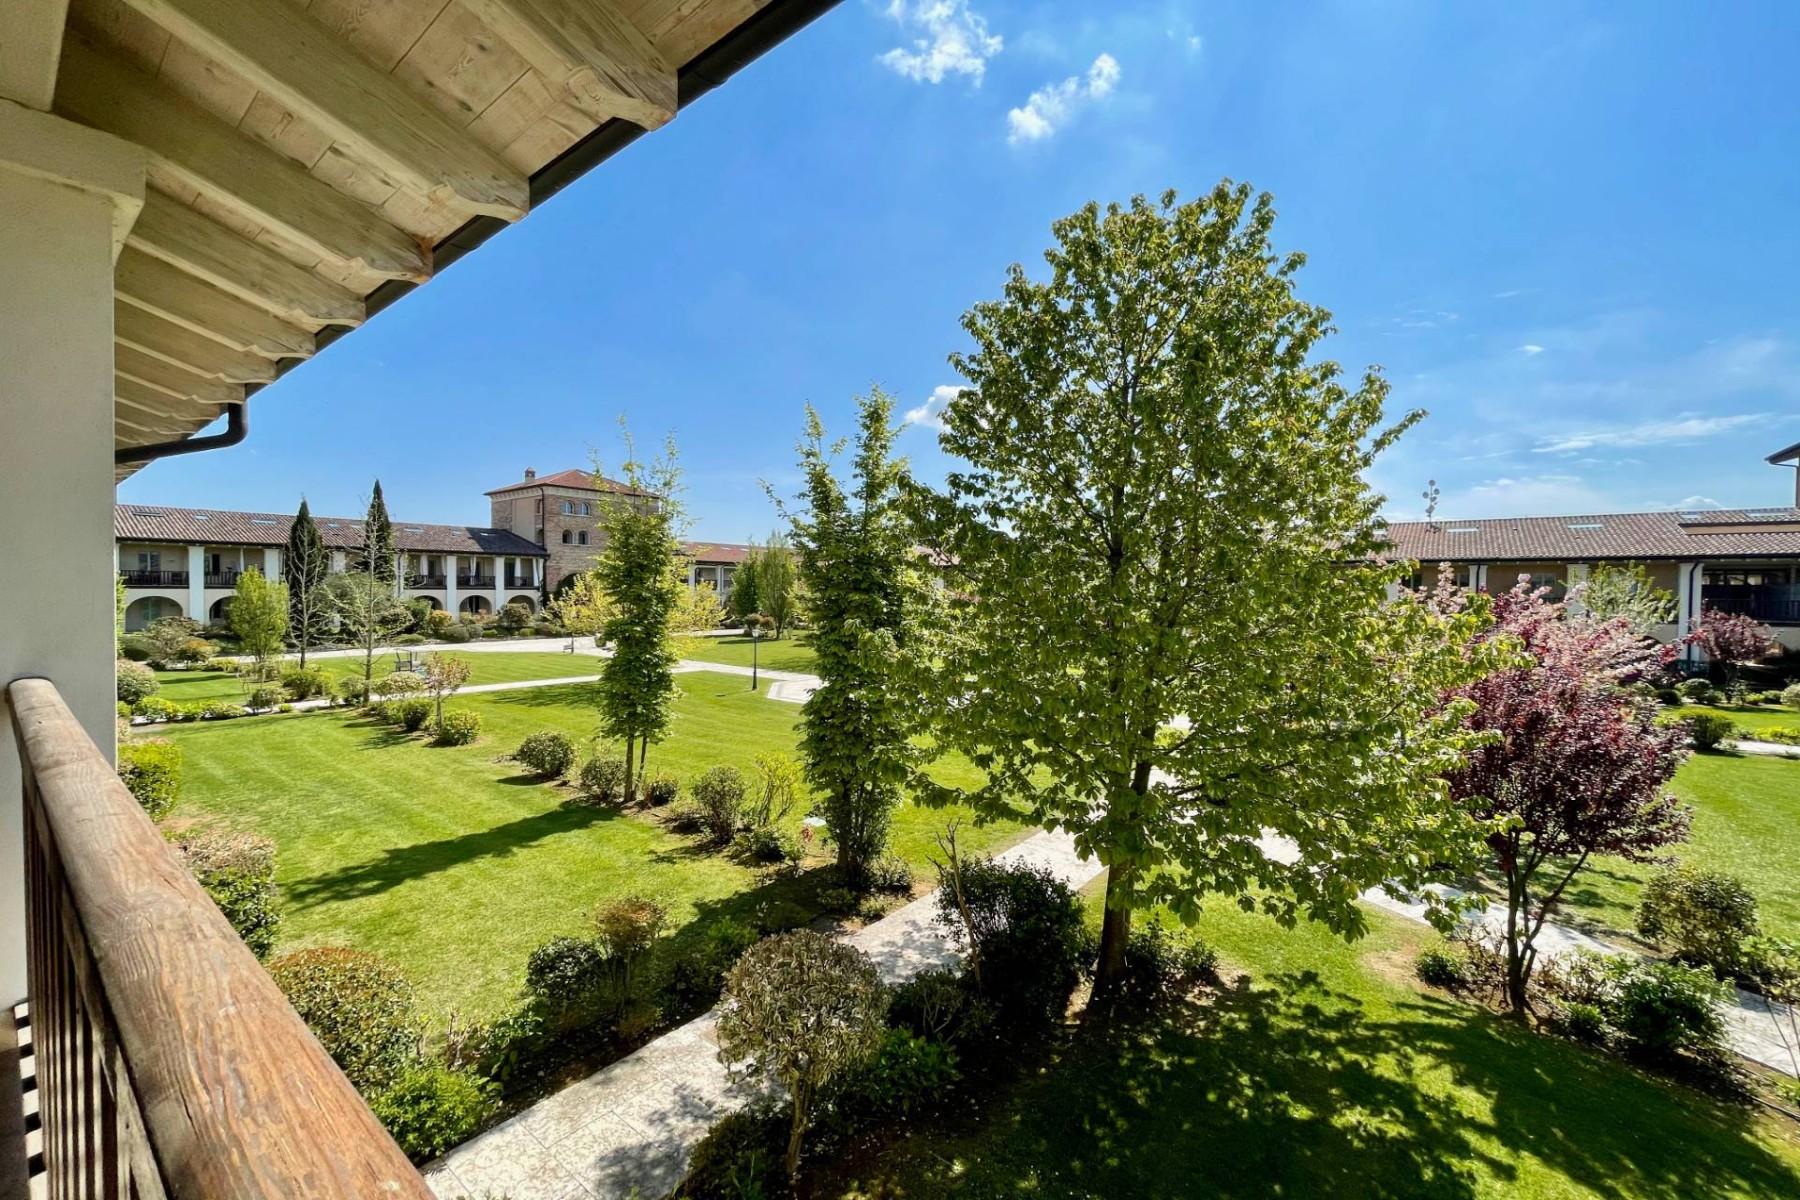 Appartamento in Vendita a Pozzolengo: 2 locali, 67 mq - Foto 1